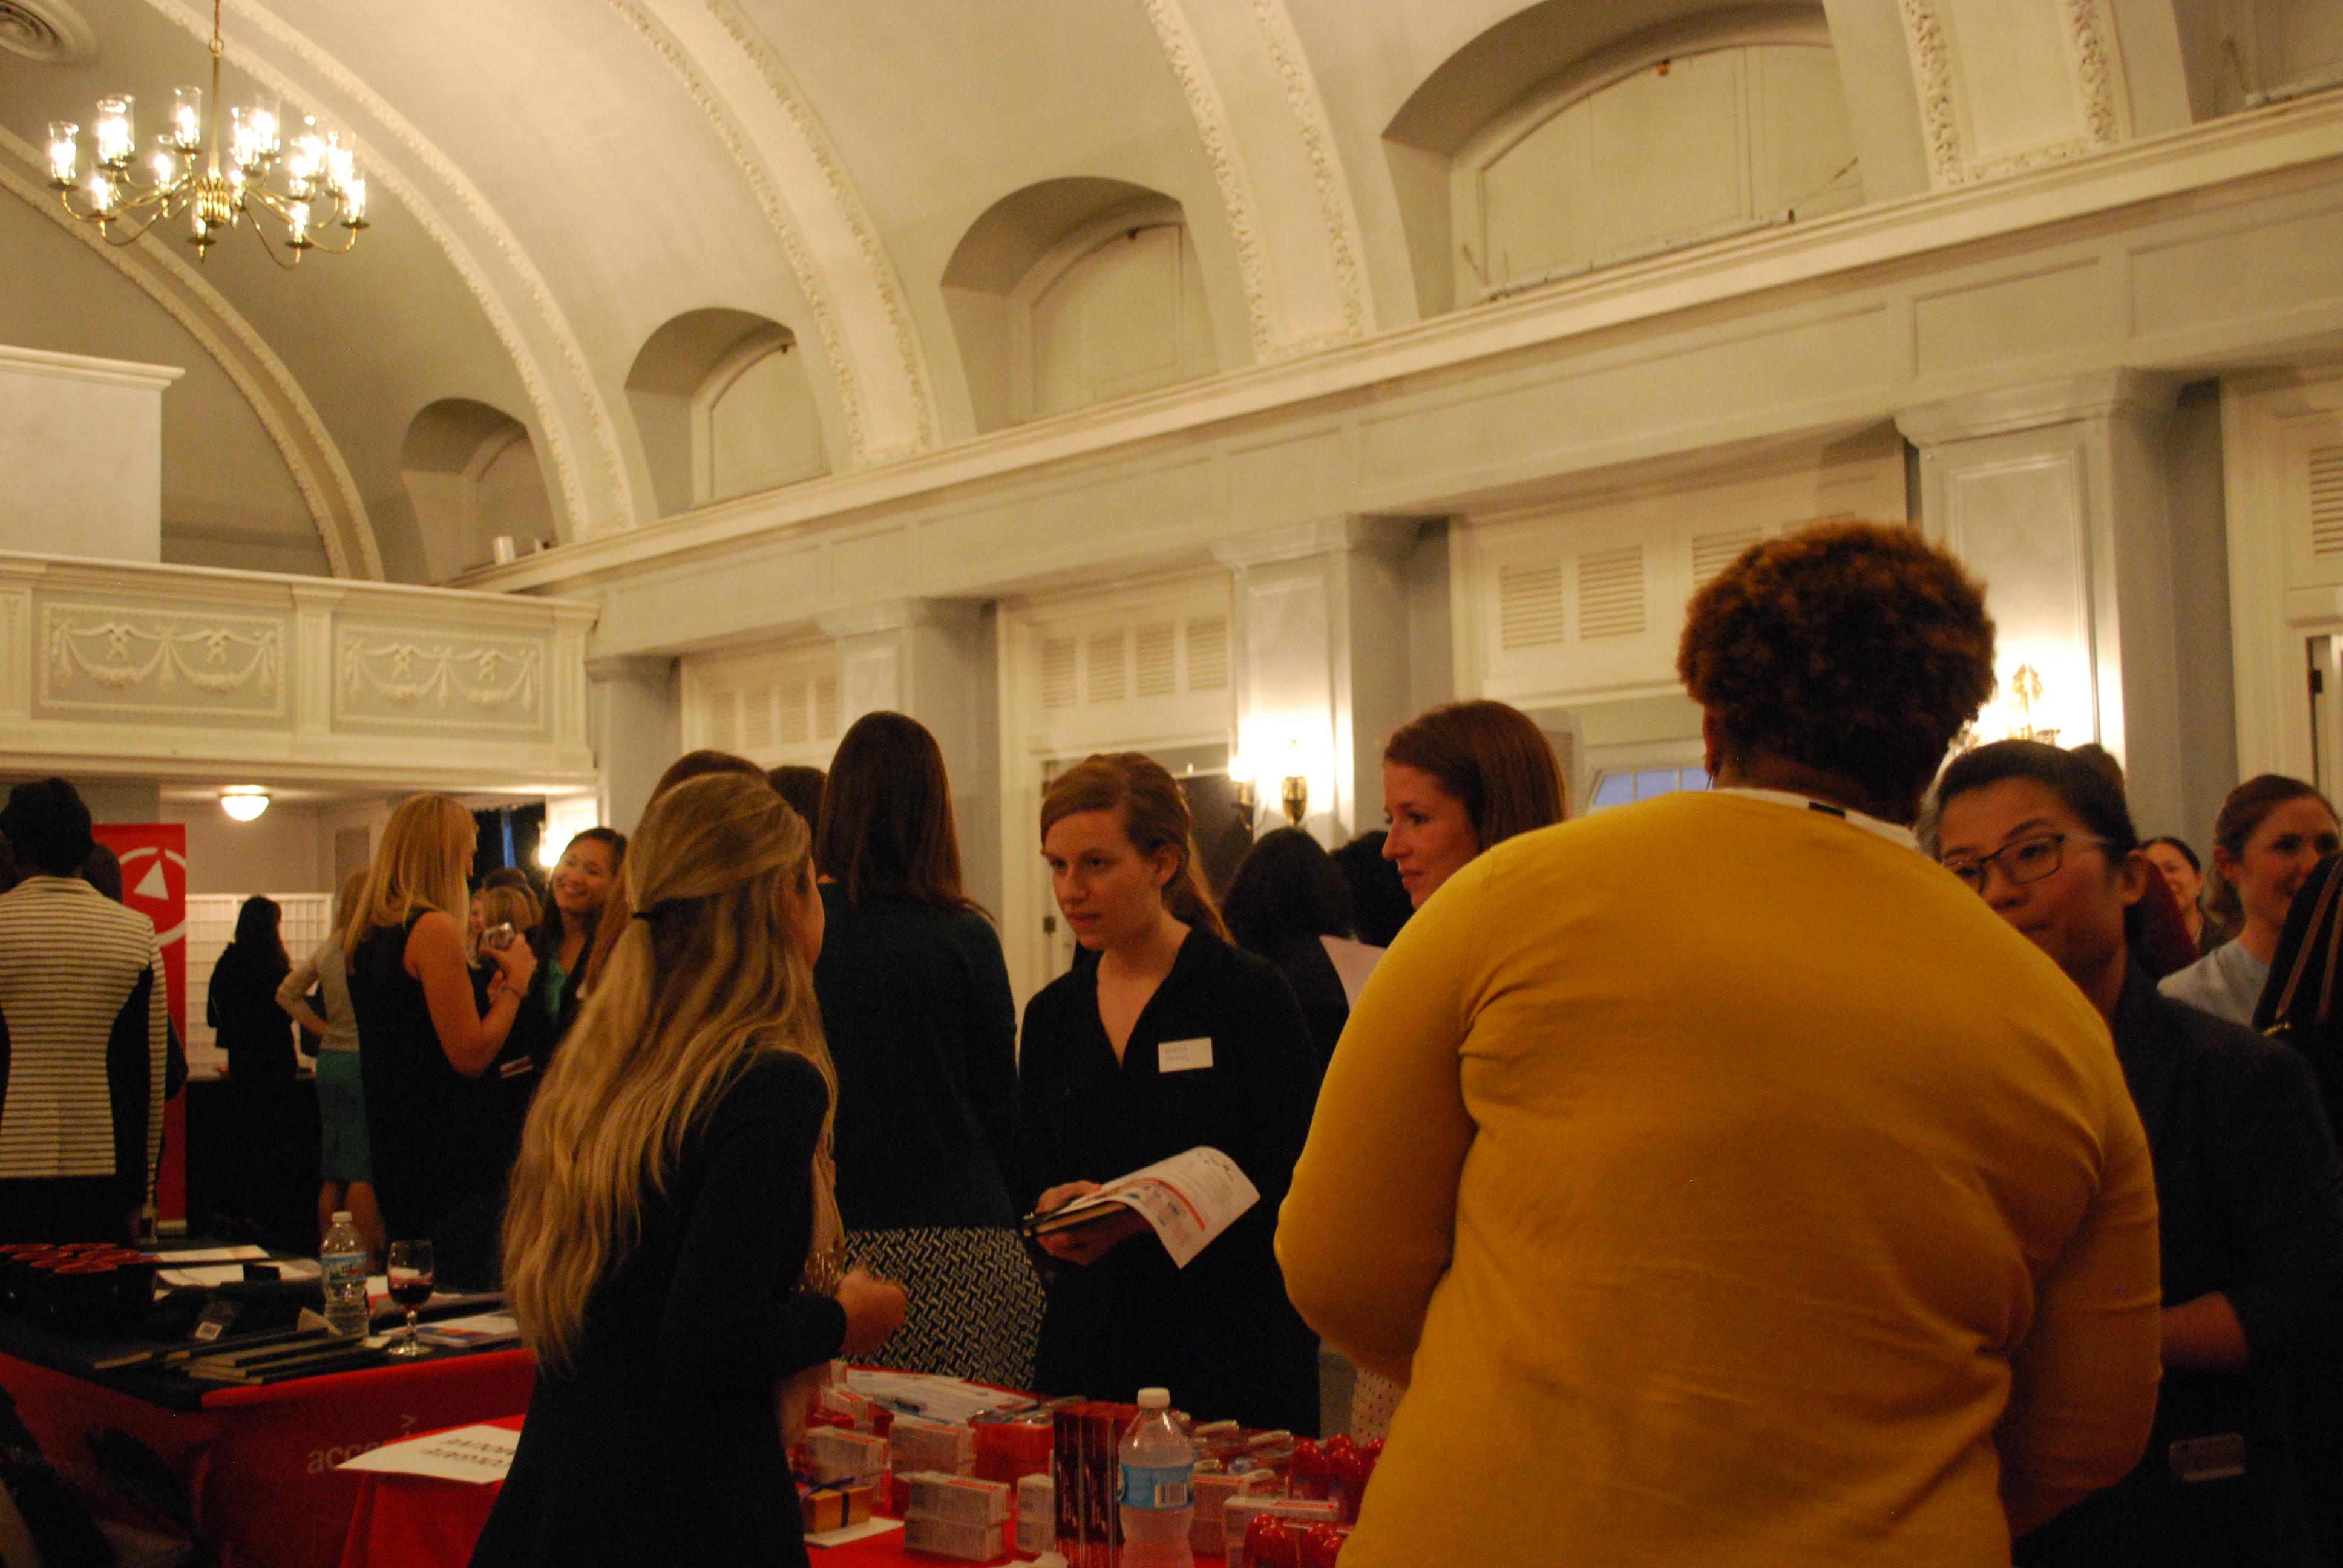 women s business assoc hosts career networking event kellogg 0597